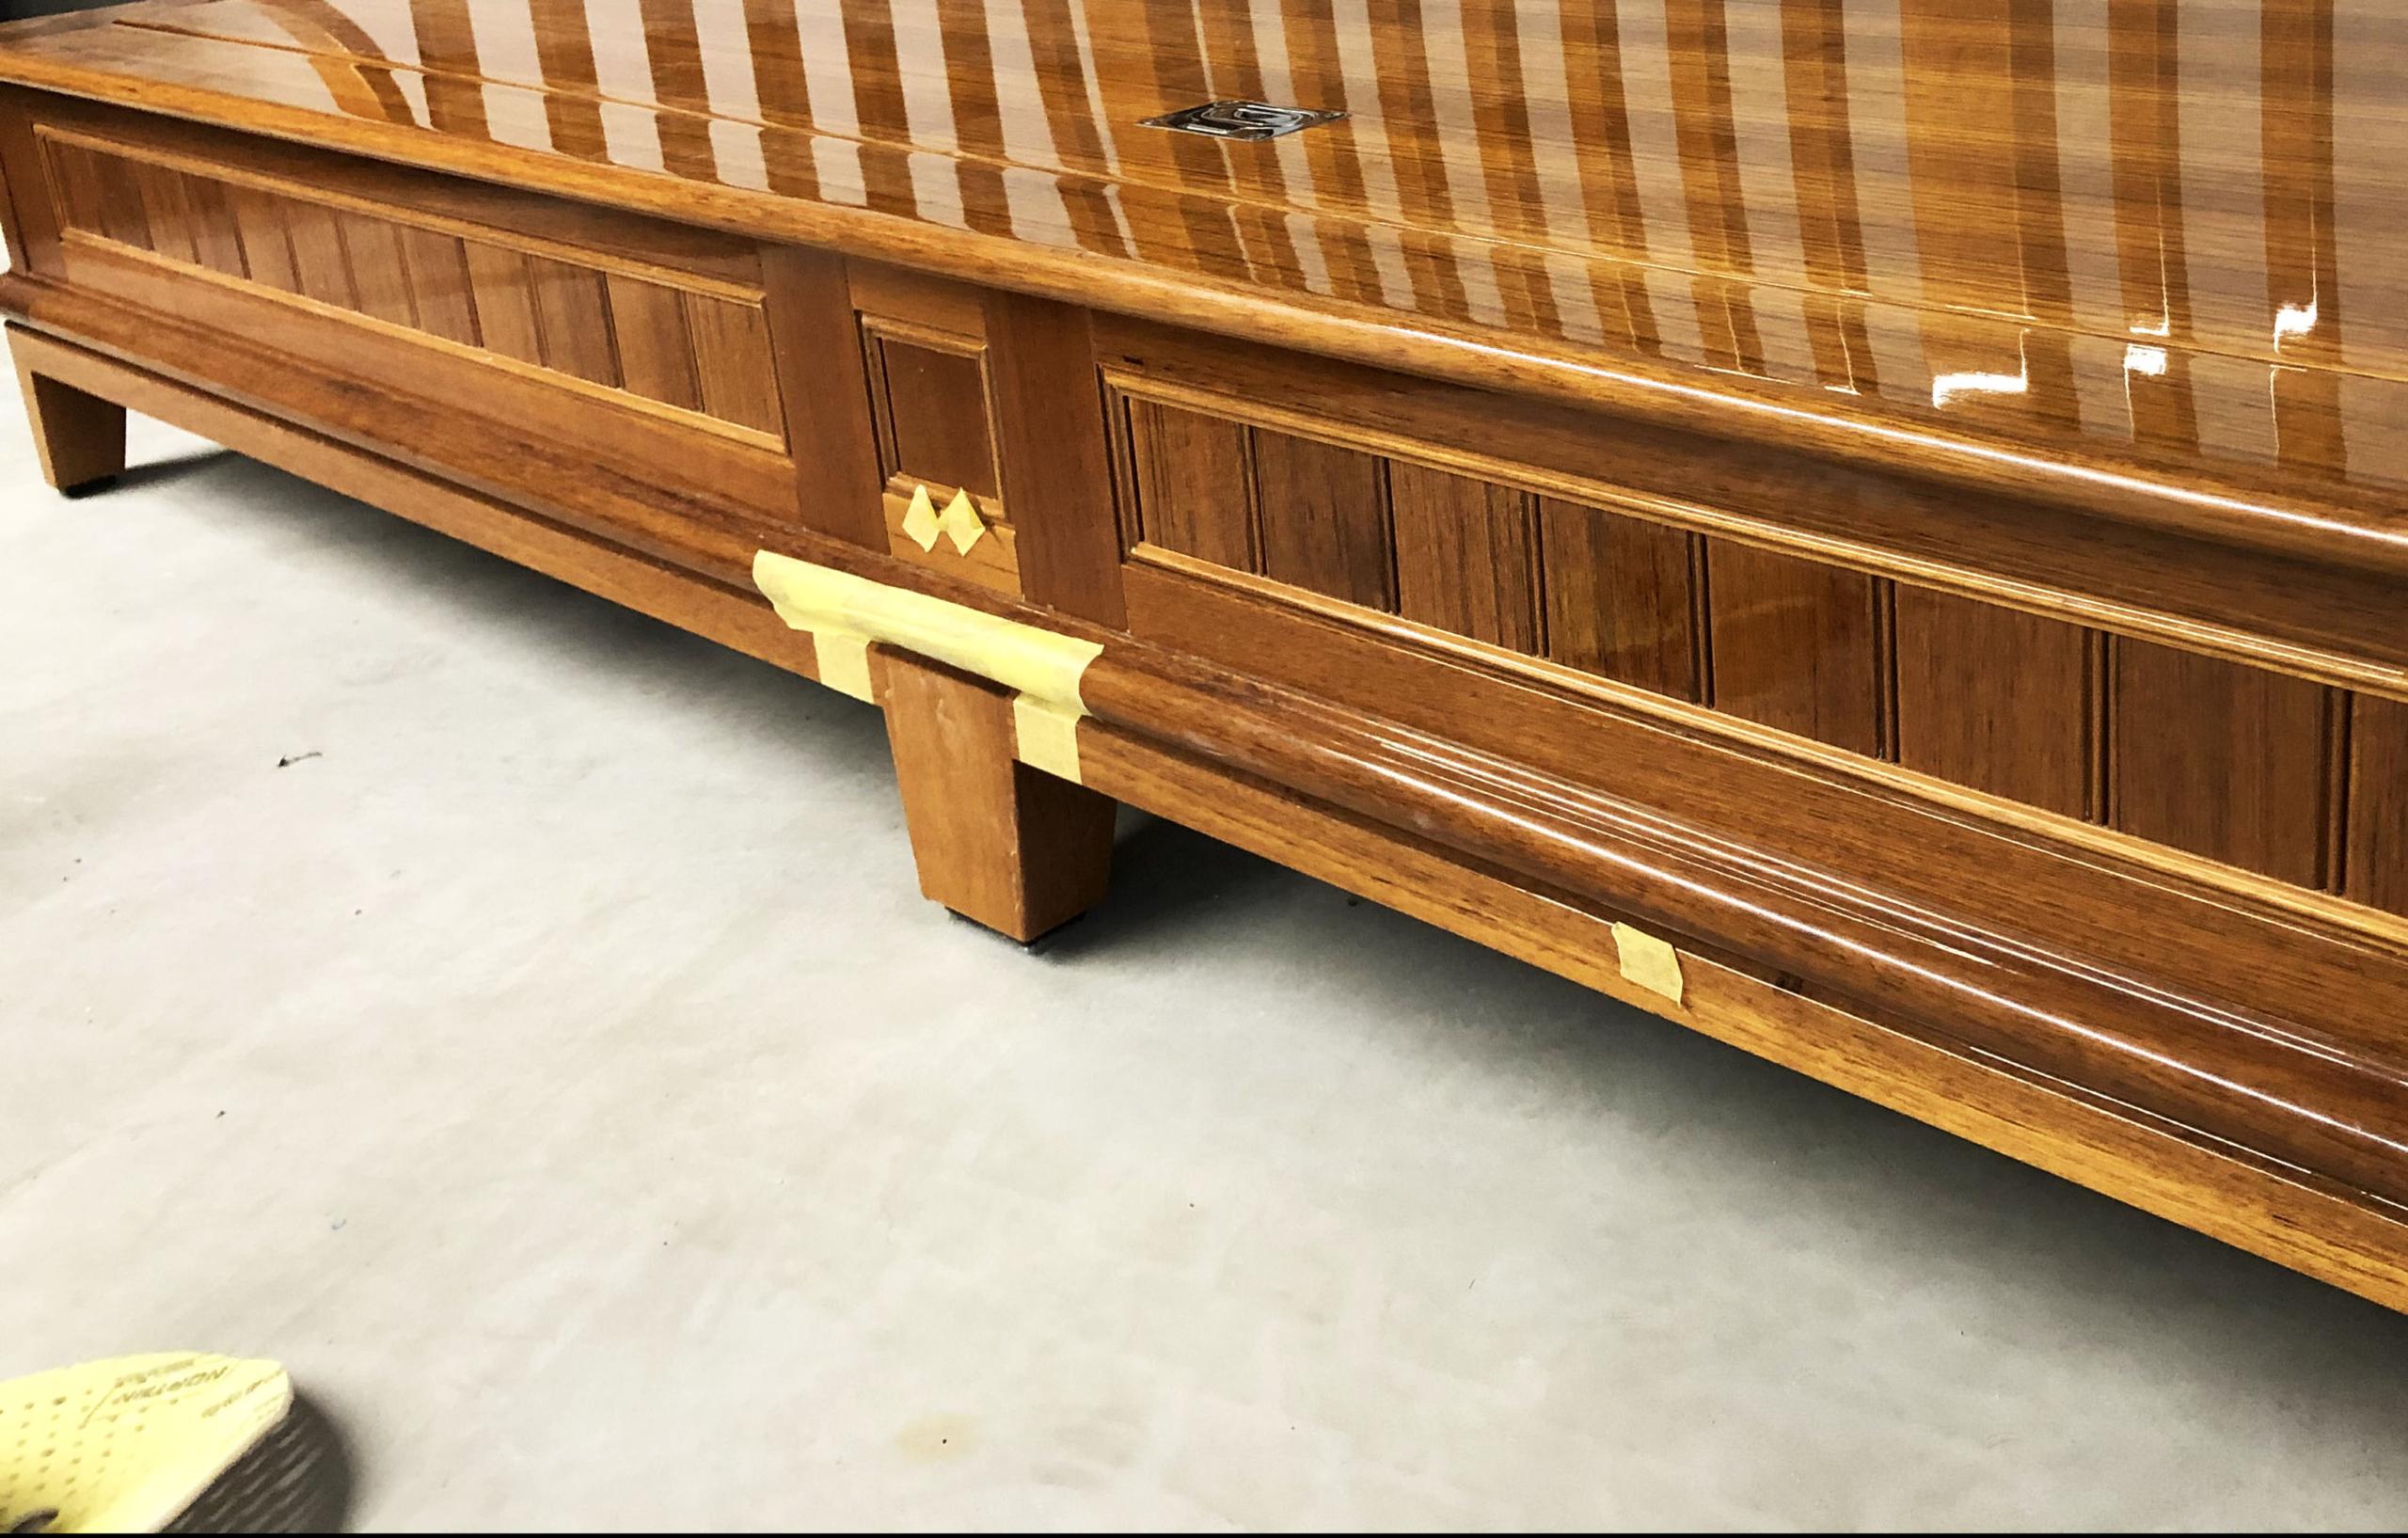 Jachtschilder Friesland-jacht-houten-boot-sloep-schade-bootlak-jachtlak-classic-design-yacht-painters